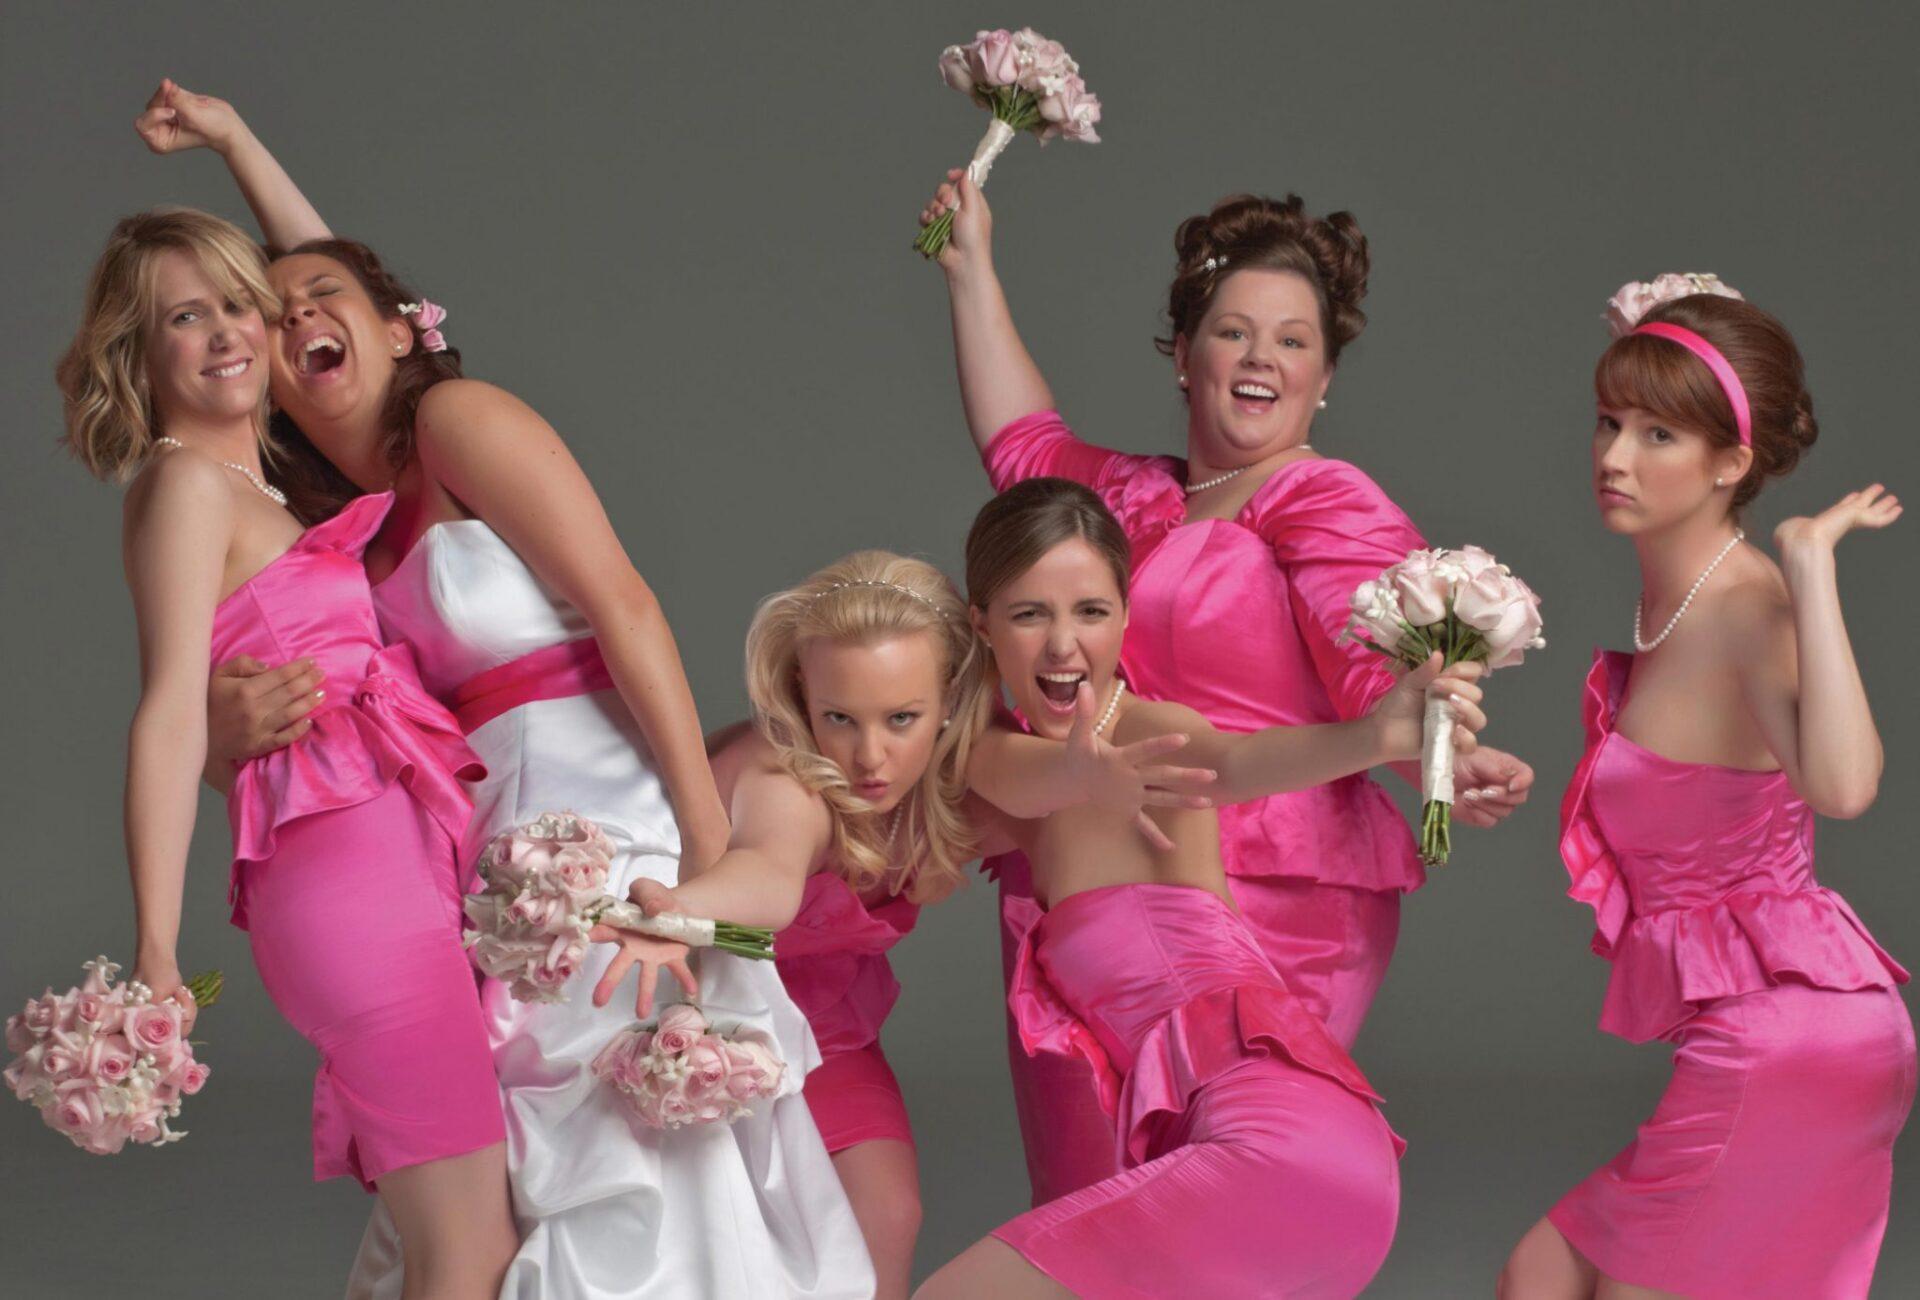 Koszoruslány, etikett, esküvő, esküvői film, alkalmi ruha, ruha